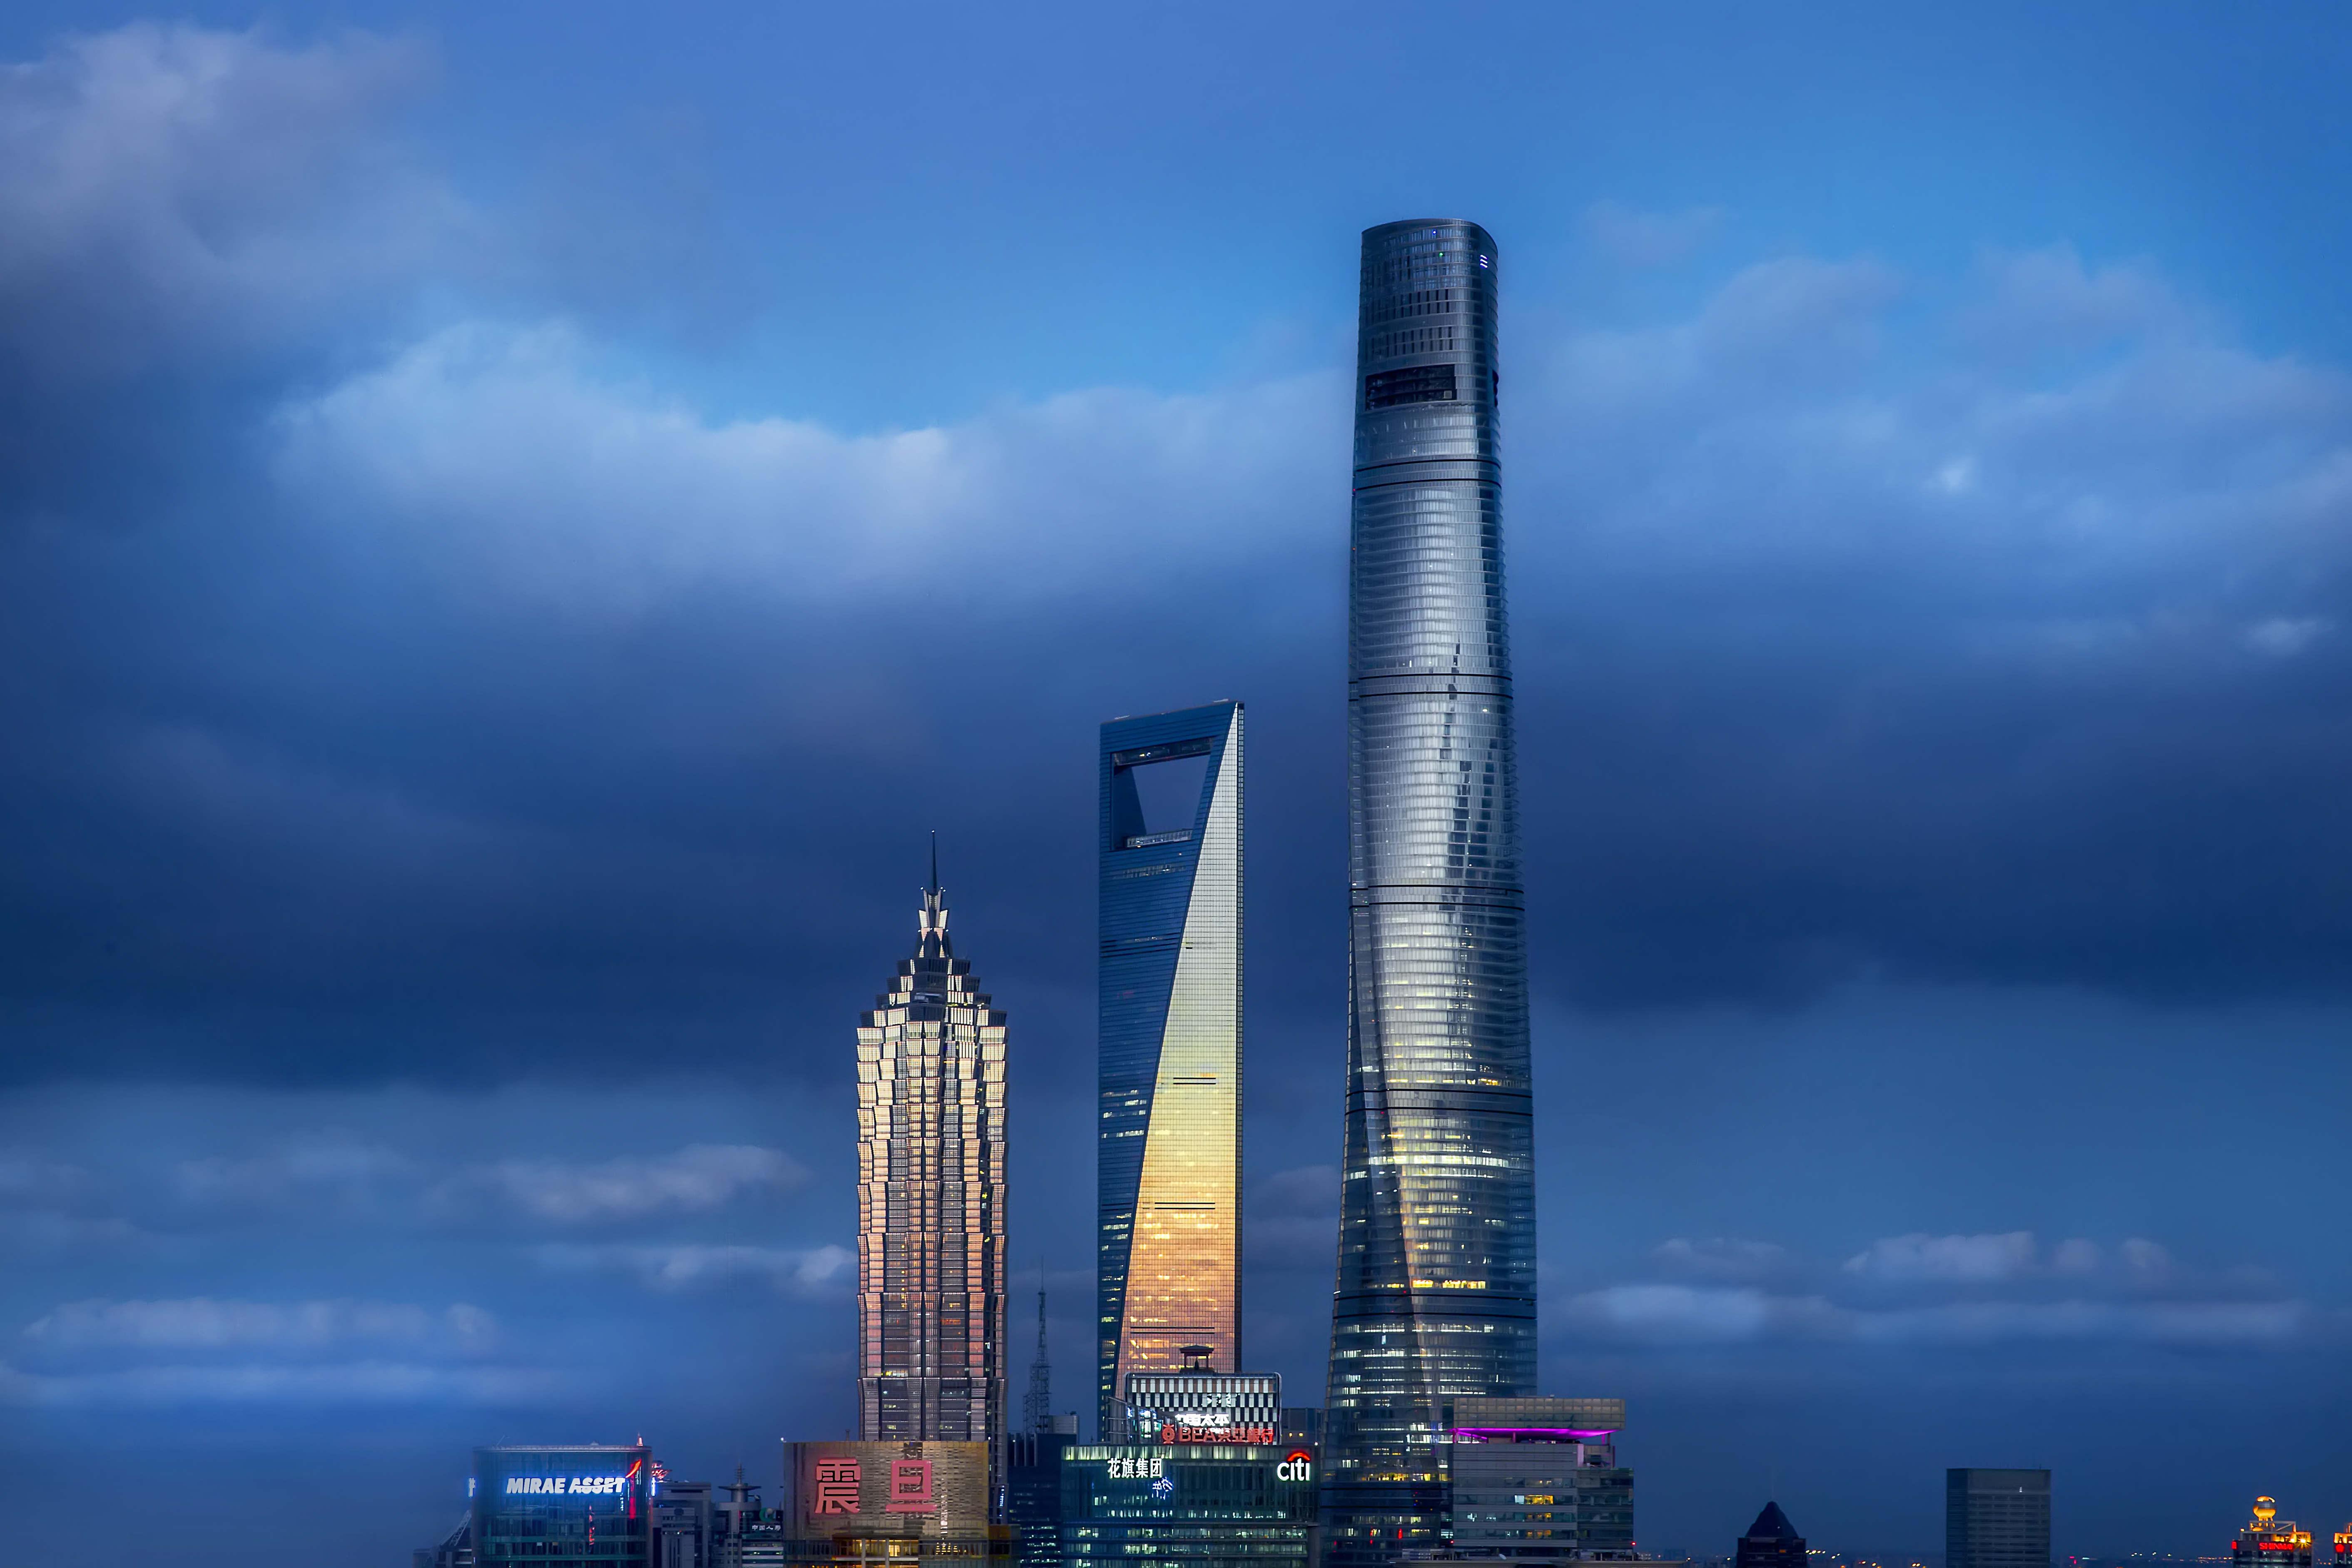 상하이 타워 전망대 입장권